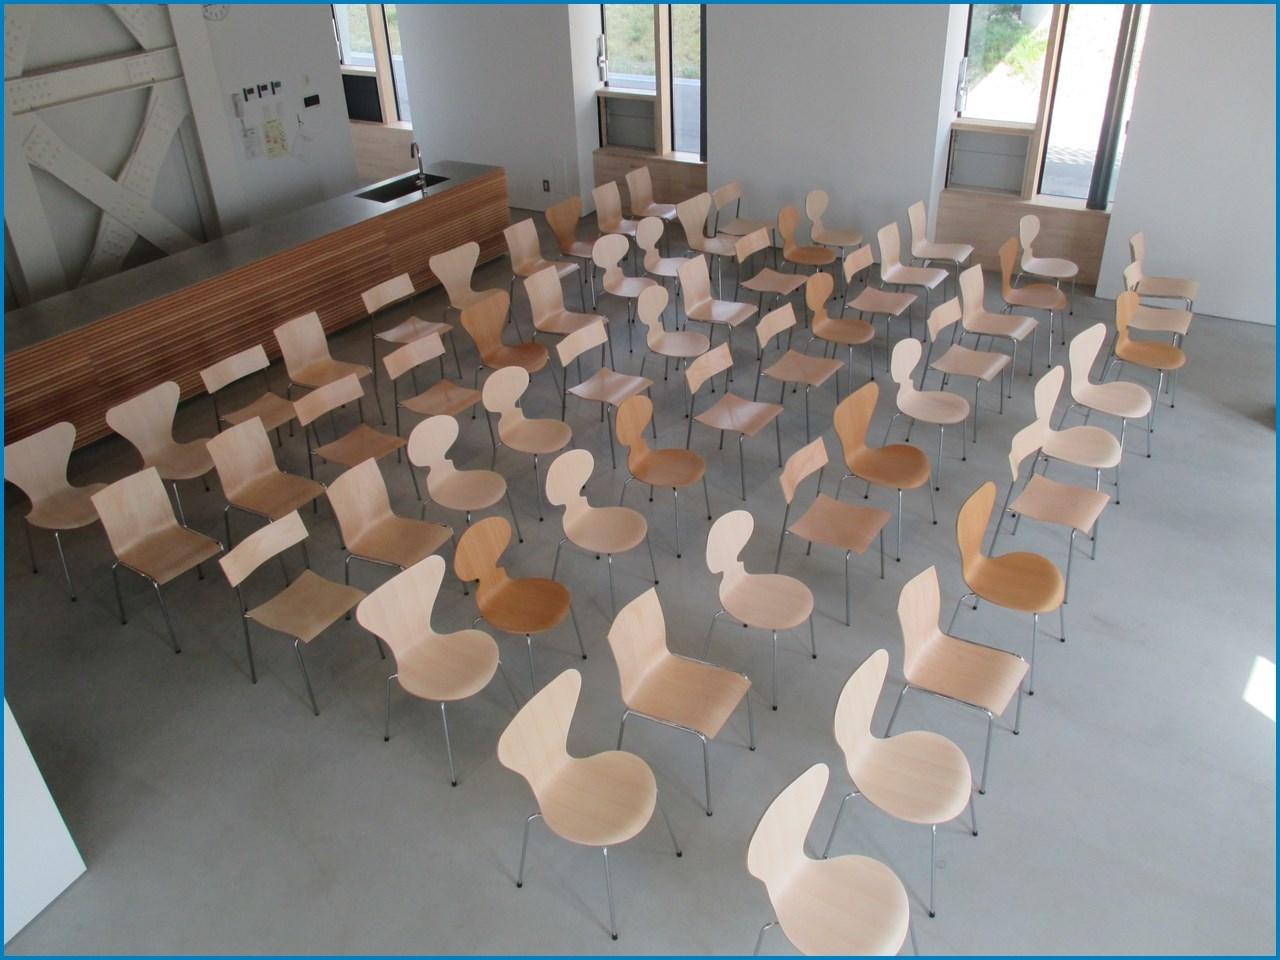 静岡理工科大学 理工学部 建築学科棟の見学 2_c0376508_14021900.jpg